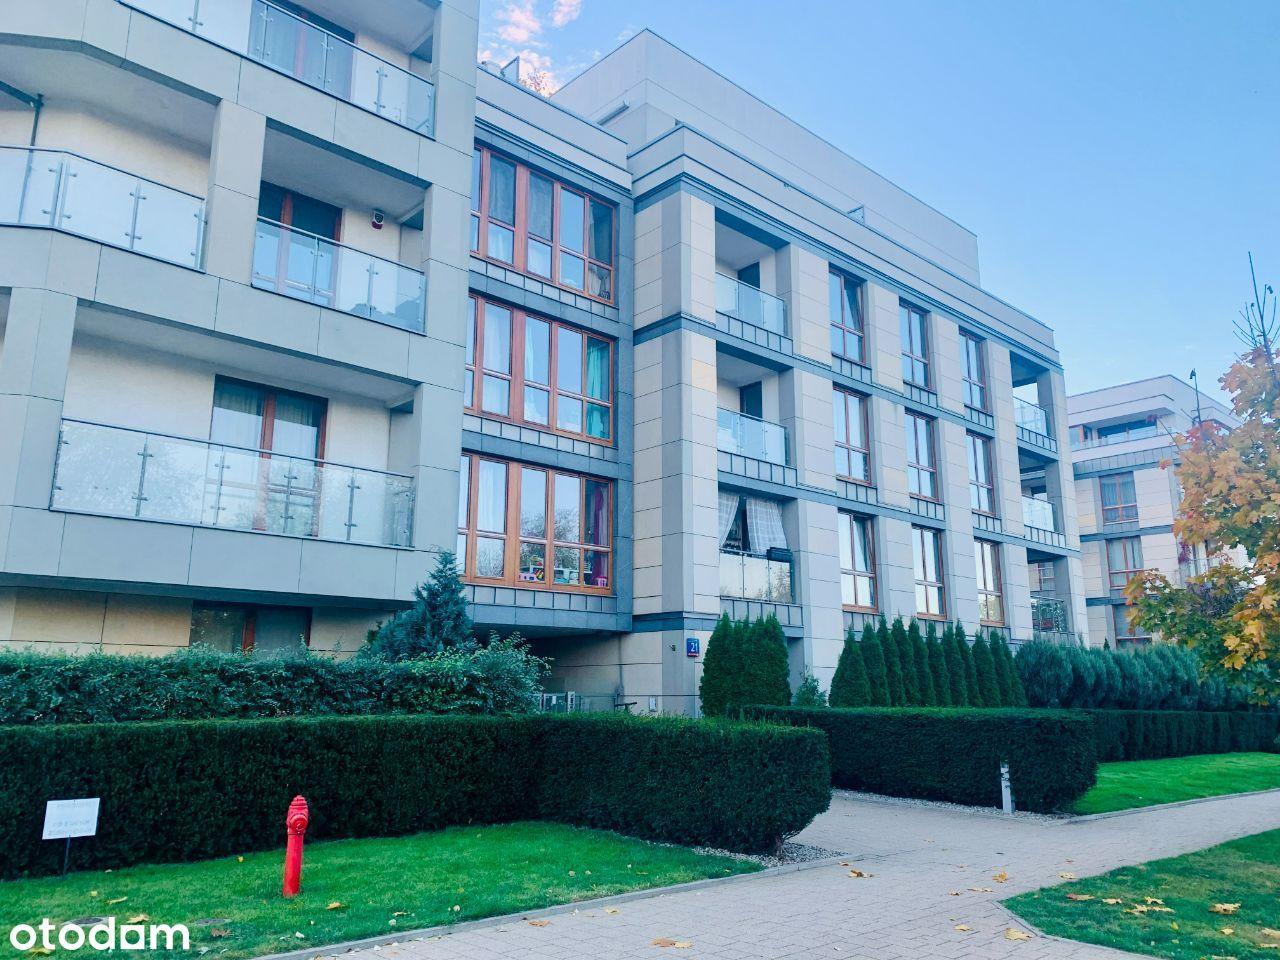 Mieszkanie 2-pokojowe, 51m2, klimatyzacja, Wilanów